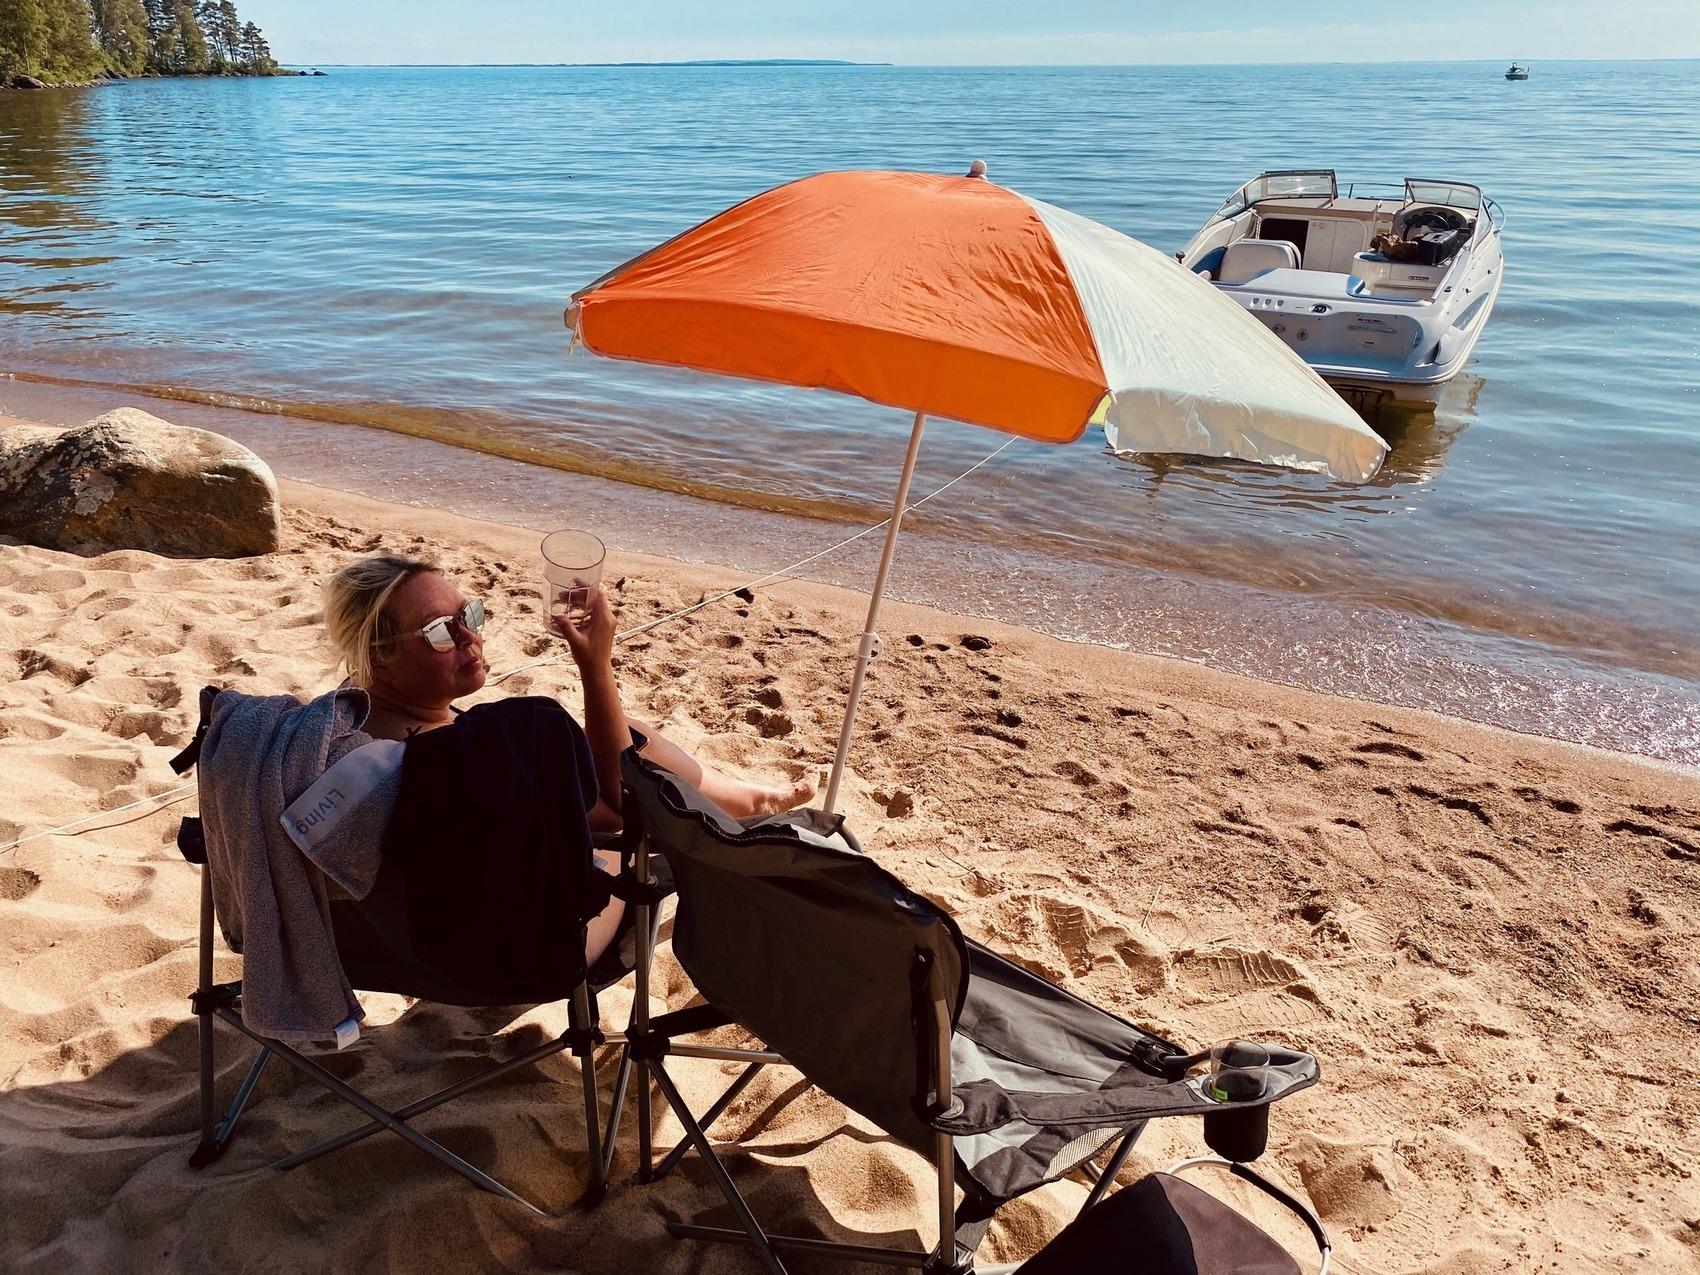 Kvinna sitter i solstol under parasoll på en solig sandstrand